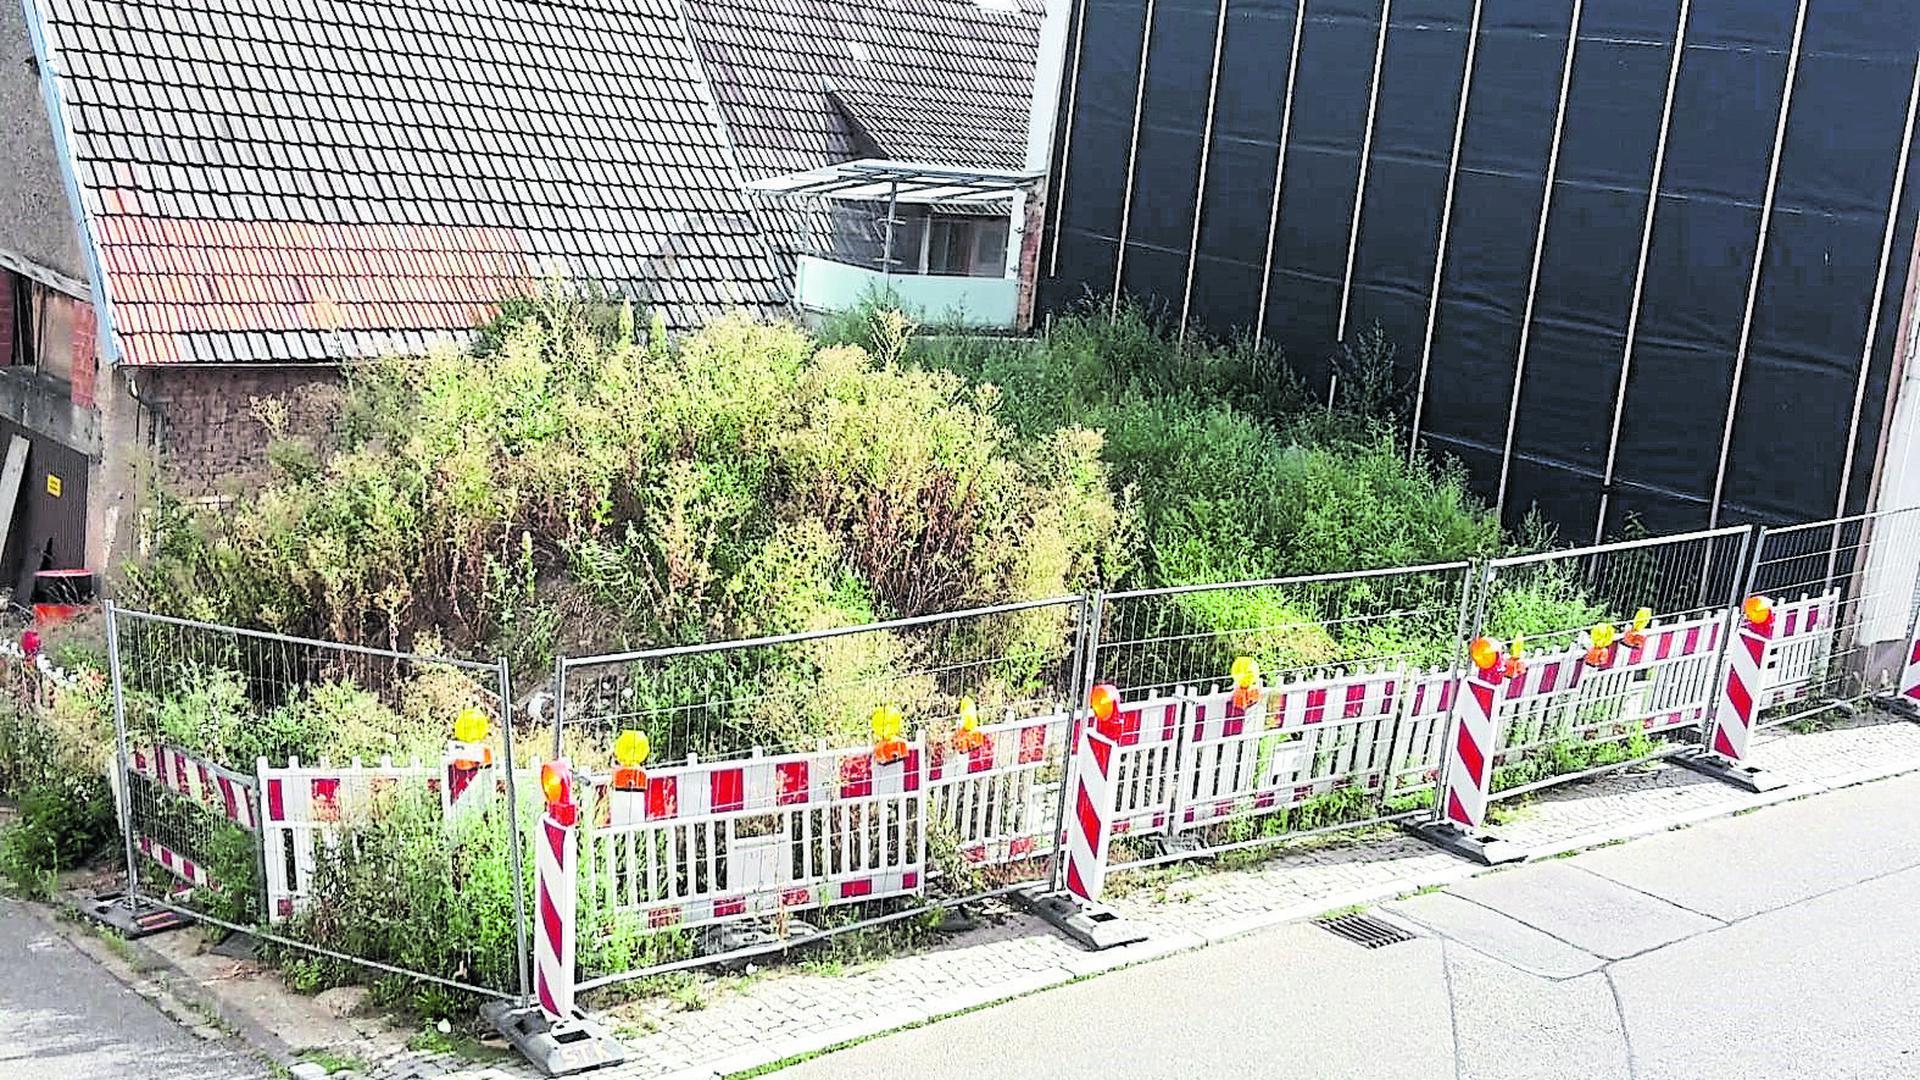 Der Gochsheimer Schandfleck: Die Brandruine besteht seit 2015. Doch nichts tut sich. Bis jetzt. Nun ist das Grundstück samt Bauschutt verkauft.